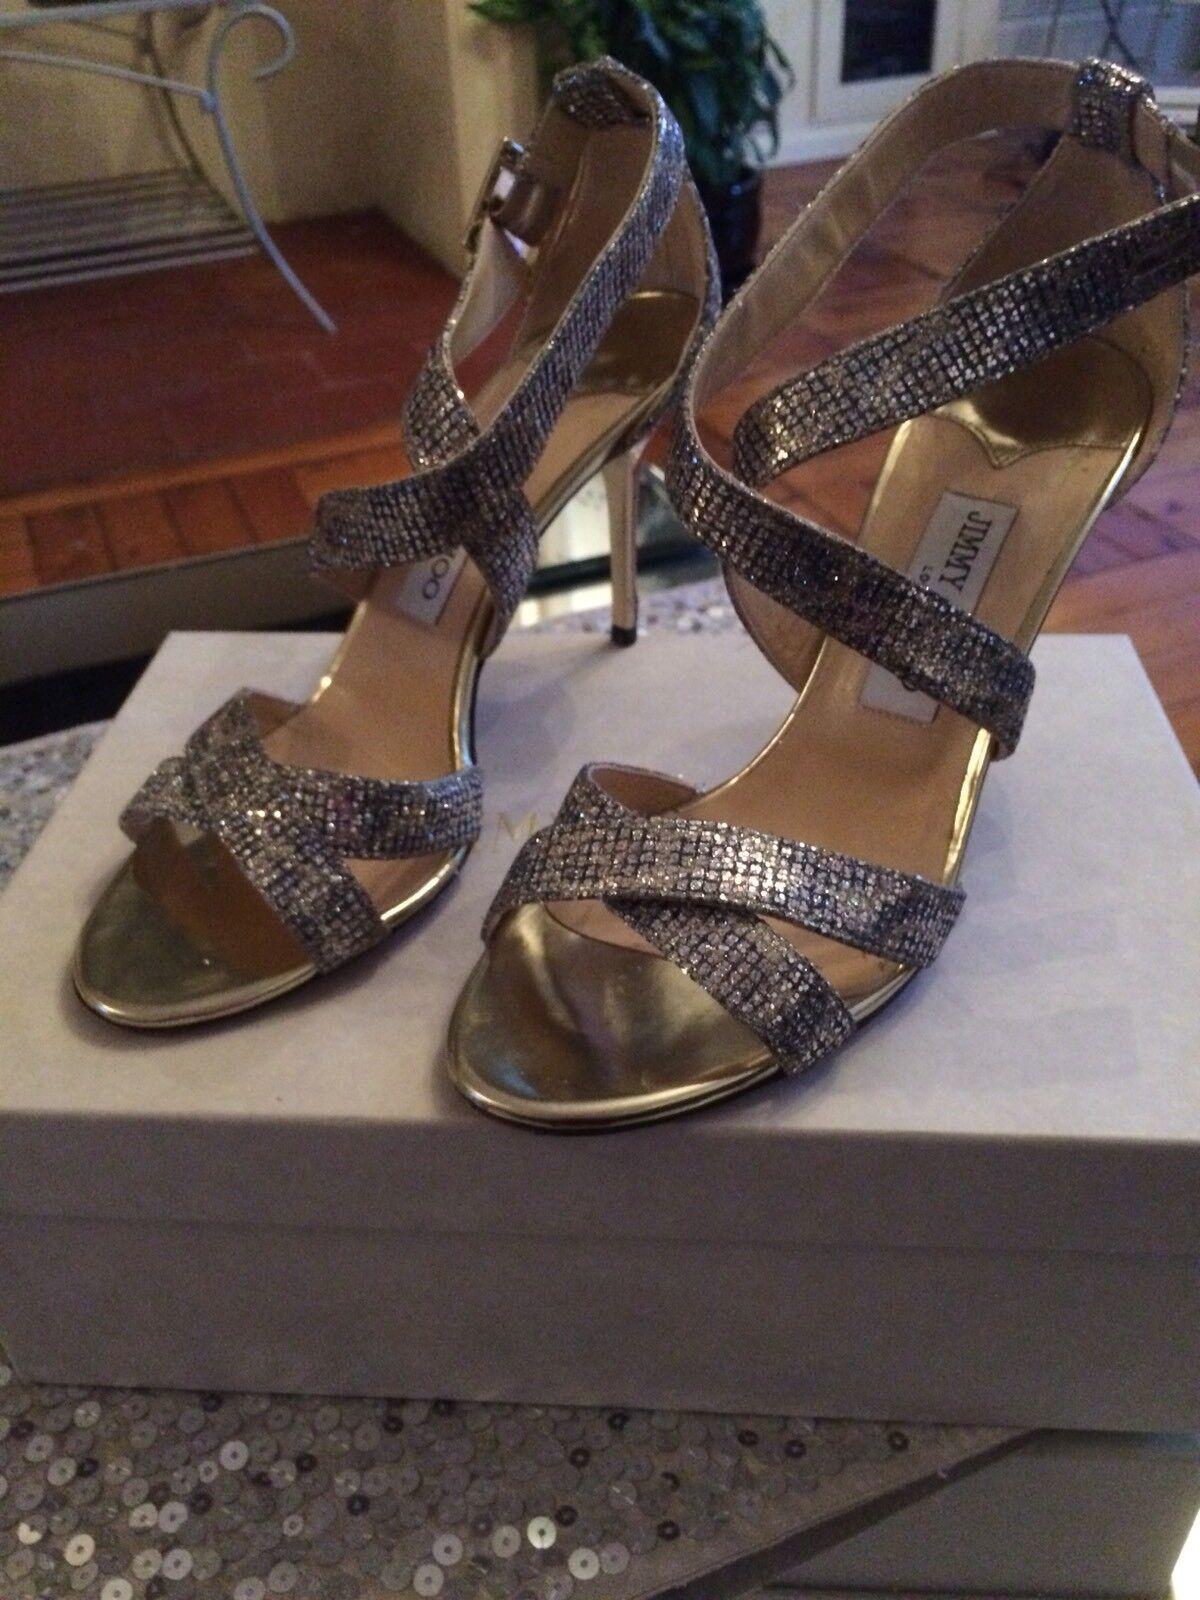 1715daddc2a4e4 les les les chaussures jimmy choo paillettes léopard taille 6   Aspect  élégant 90588a